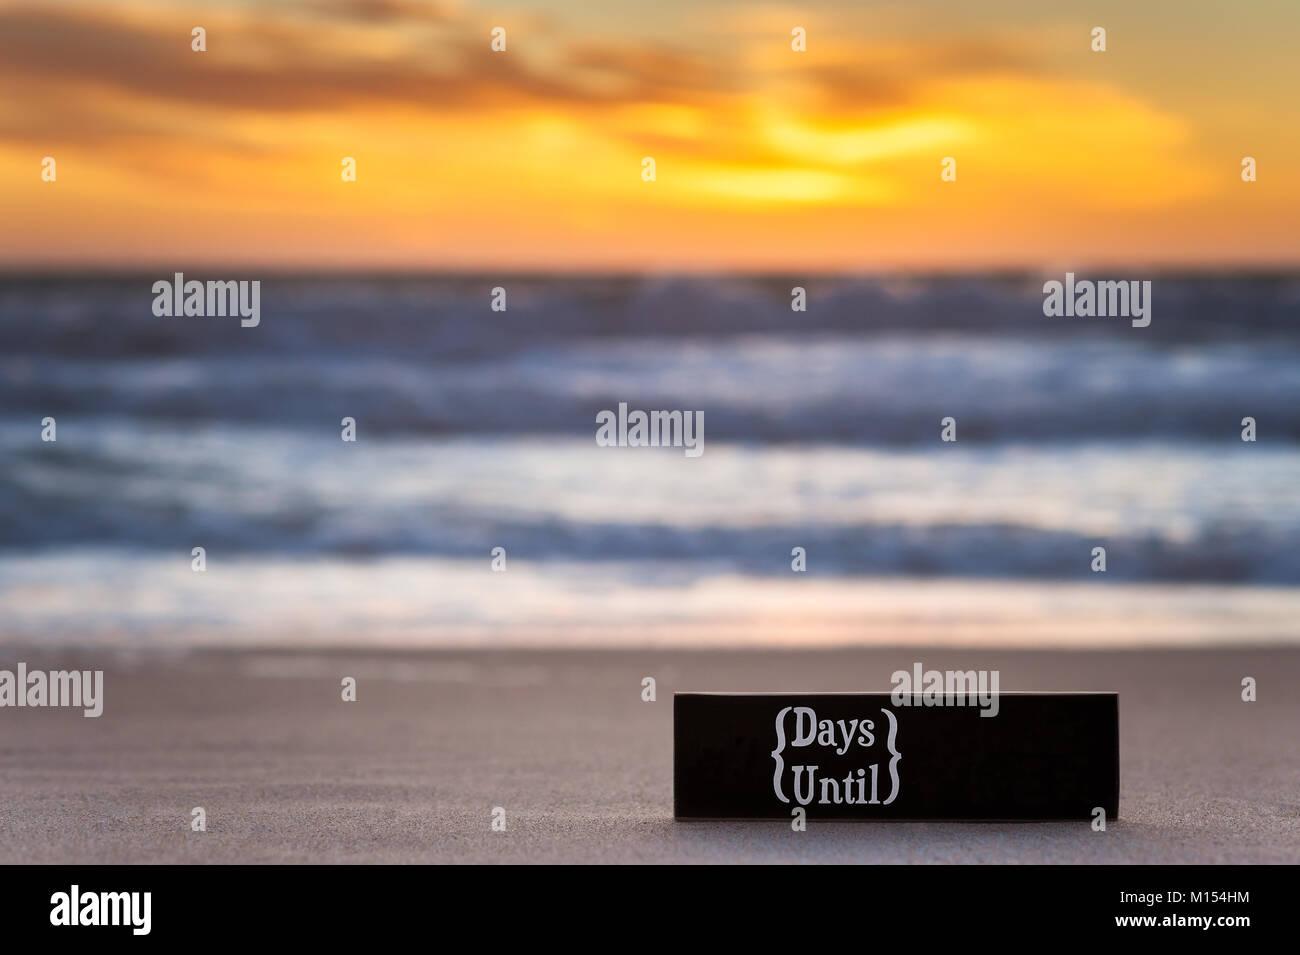 Fotografía horizontal de una cuenta regresiva del calendario signo de la pizarra en la playa con el océano Imagen De Stock